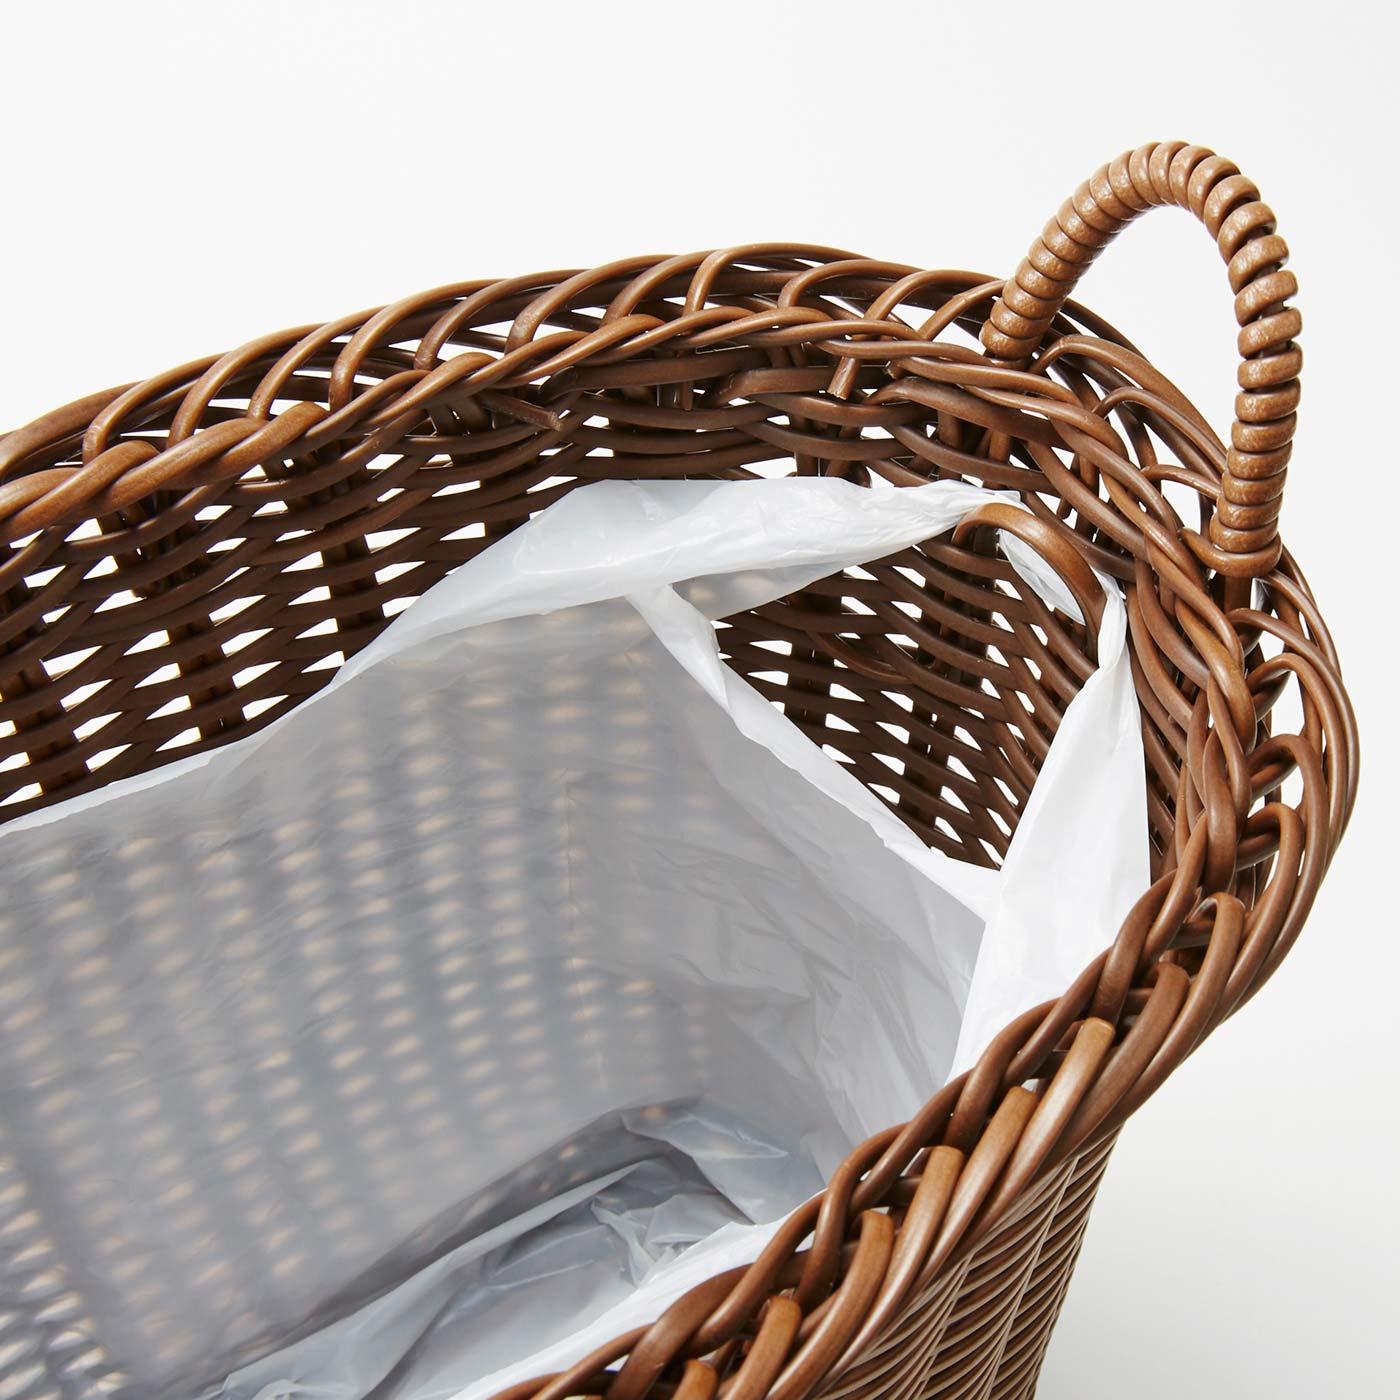 内側にはごみ袋を引っ掛けられるフック付き。